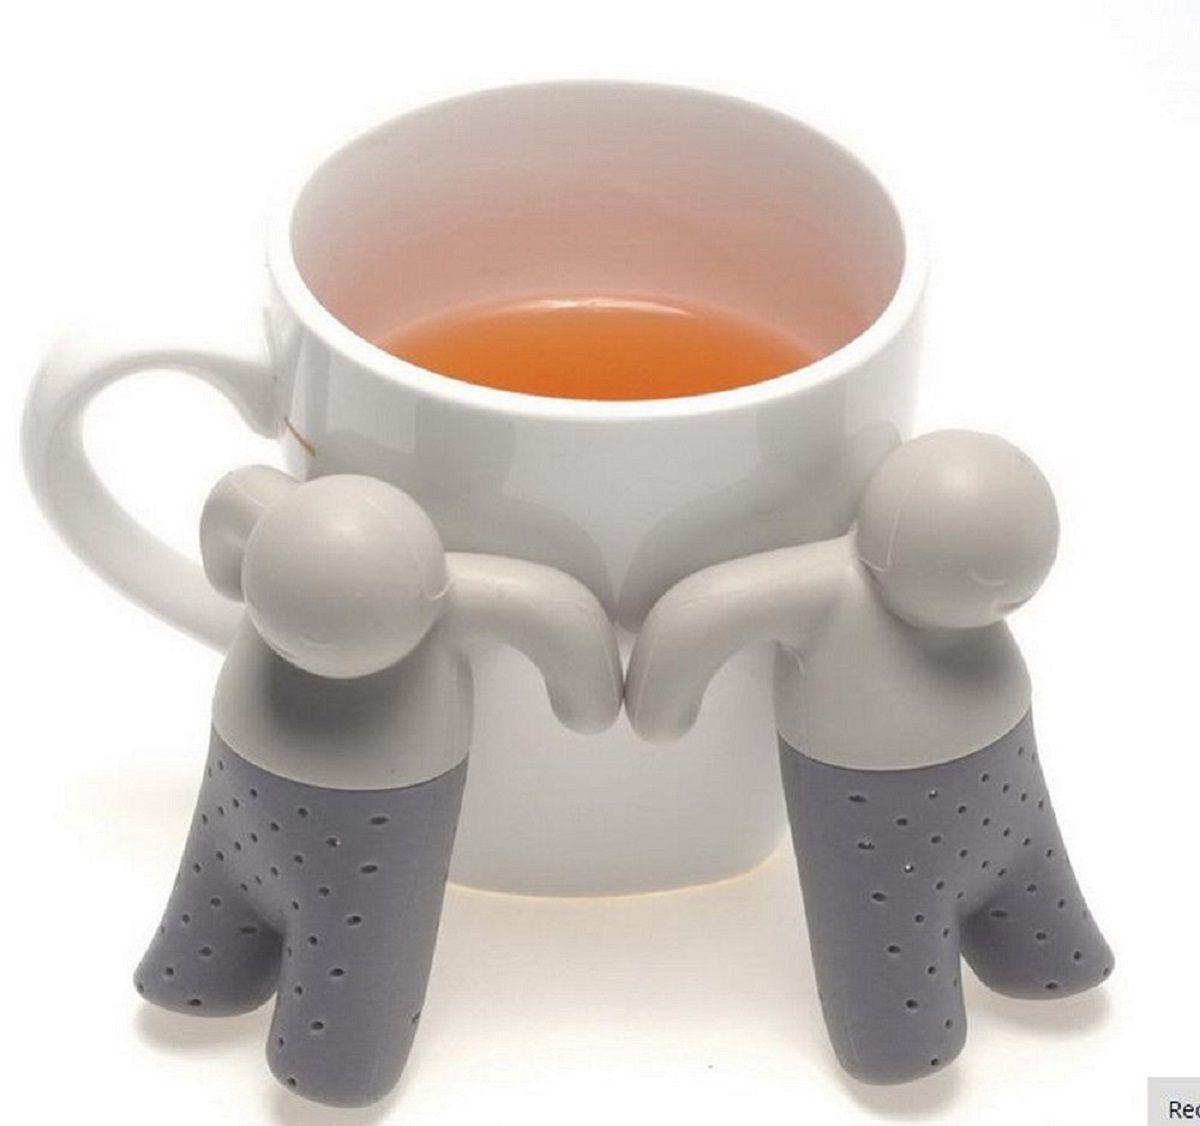 Если кофе чрезмерно бодрит, то чай, скорее, расслабляет. Не зря чайная  церемония привносит в мир гармонию, а английское чаепитие 5 o